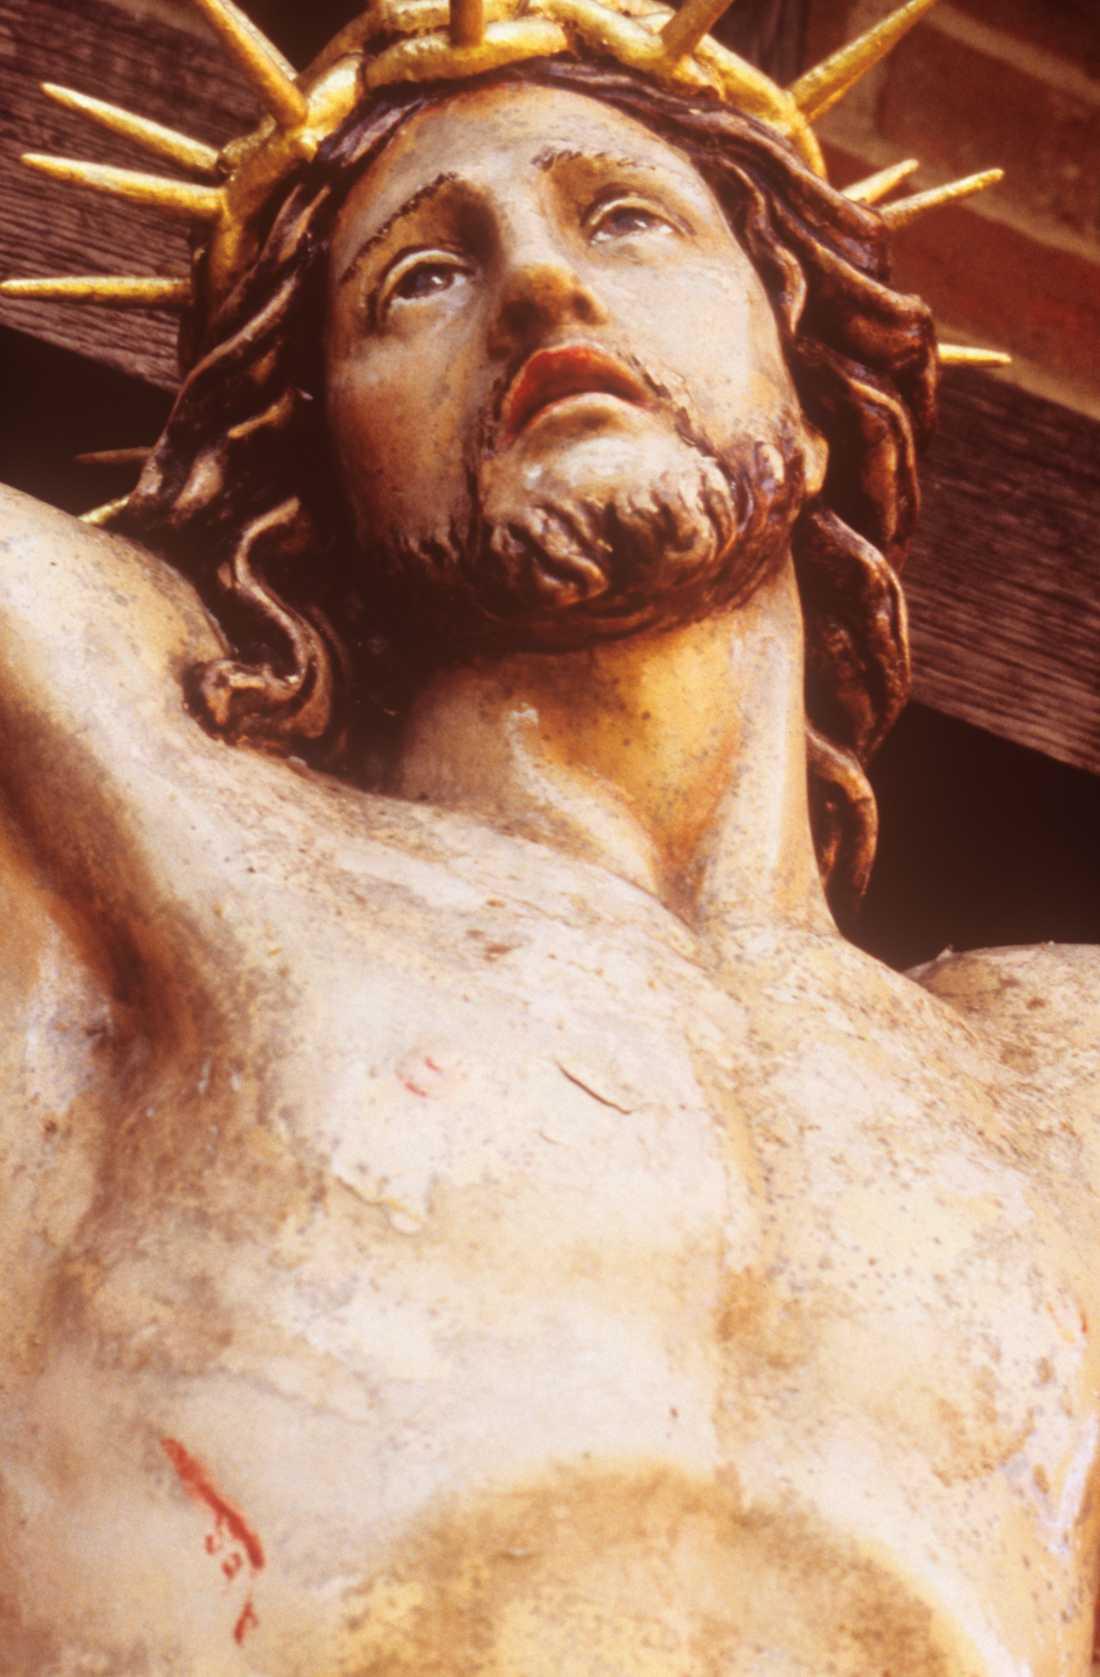 Jesusskägget Jesus Kristus var inte bara en timmerman, förkunnare och centralfigur inom kristendomen. Han hade ett helt fantastiskt skägg.